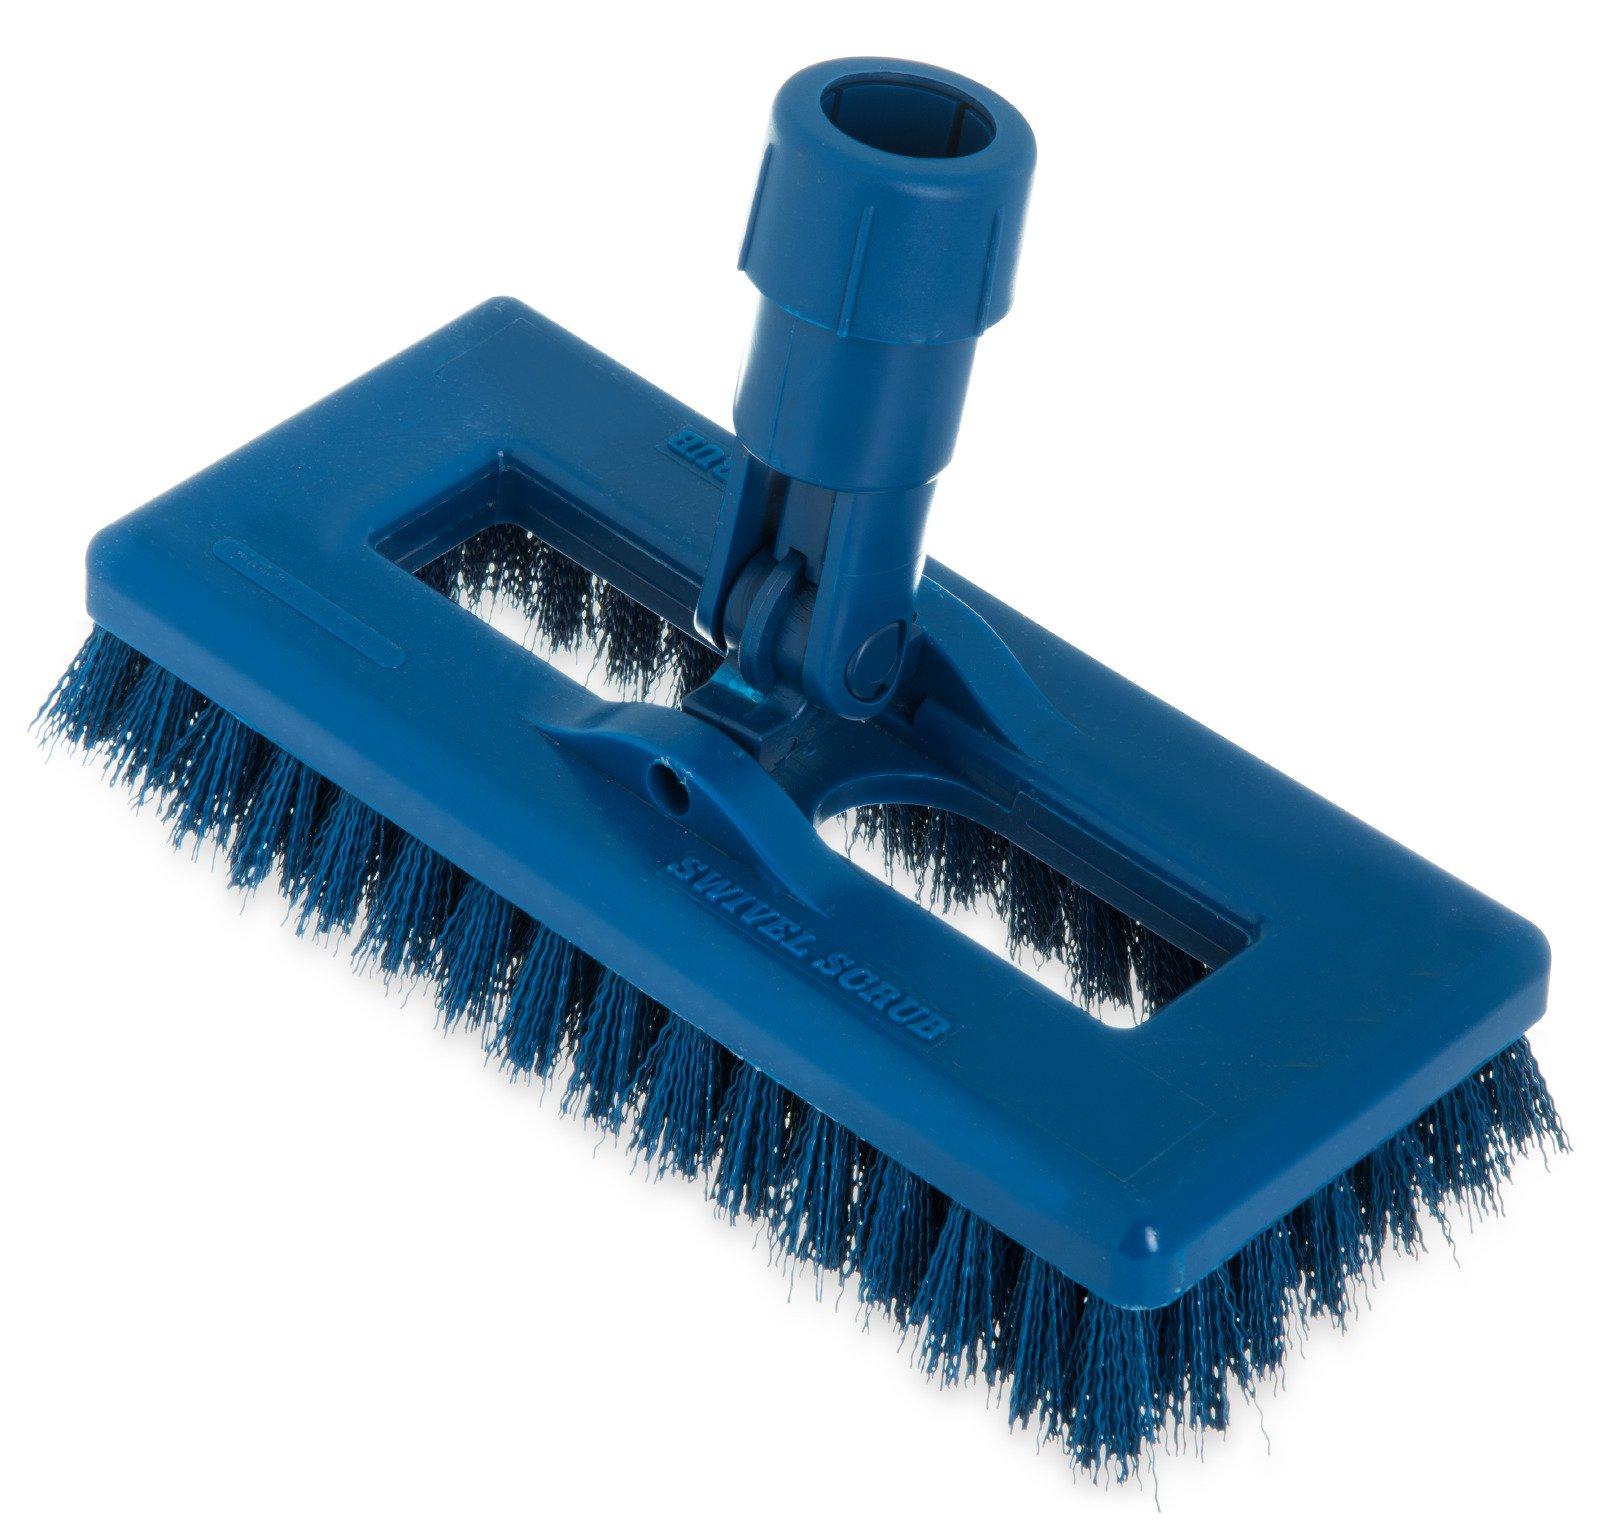 Carlisle 363883114 Swivel Scrub Brush, 8'', Blue (Pack of 12)